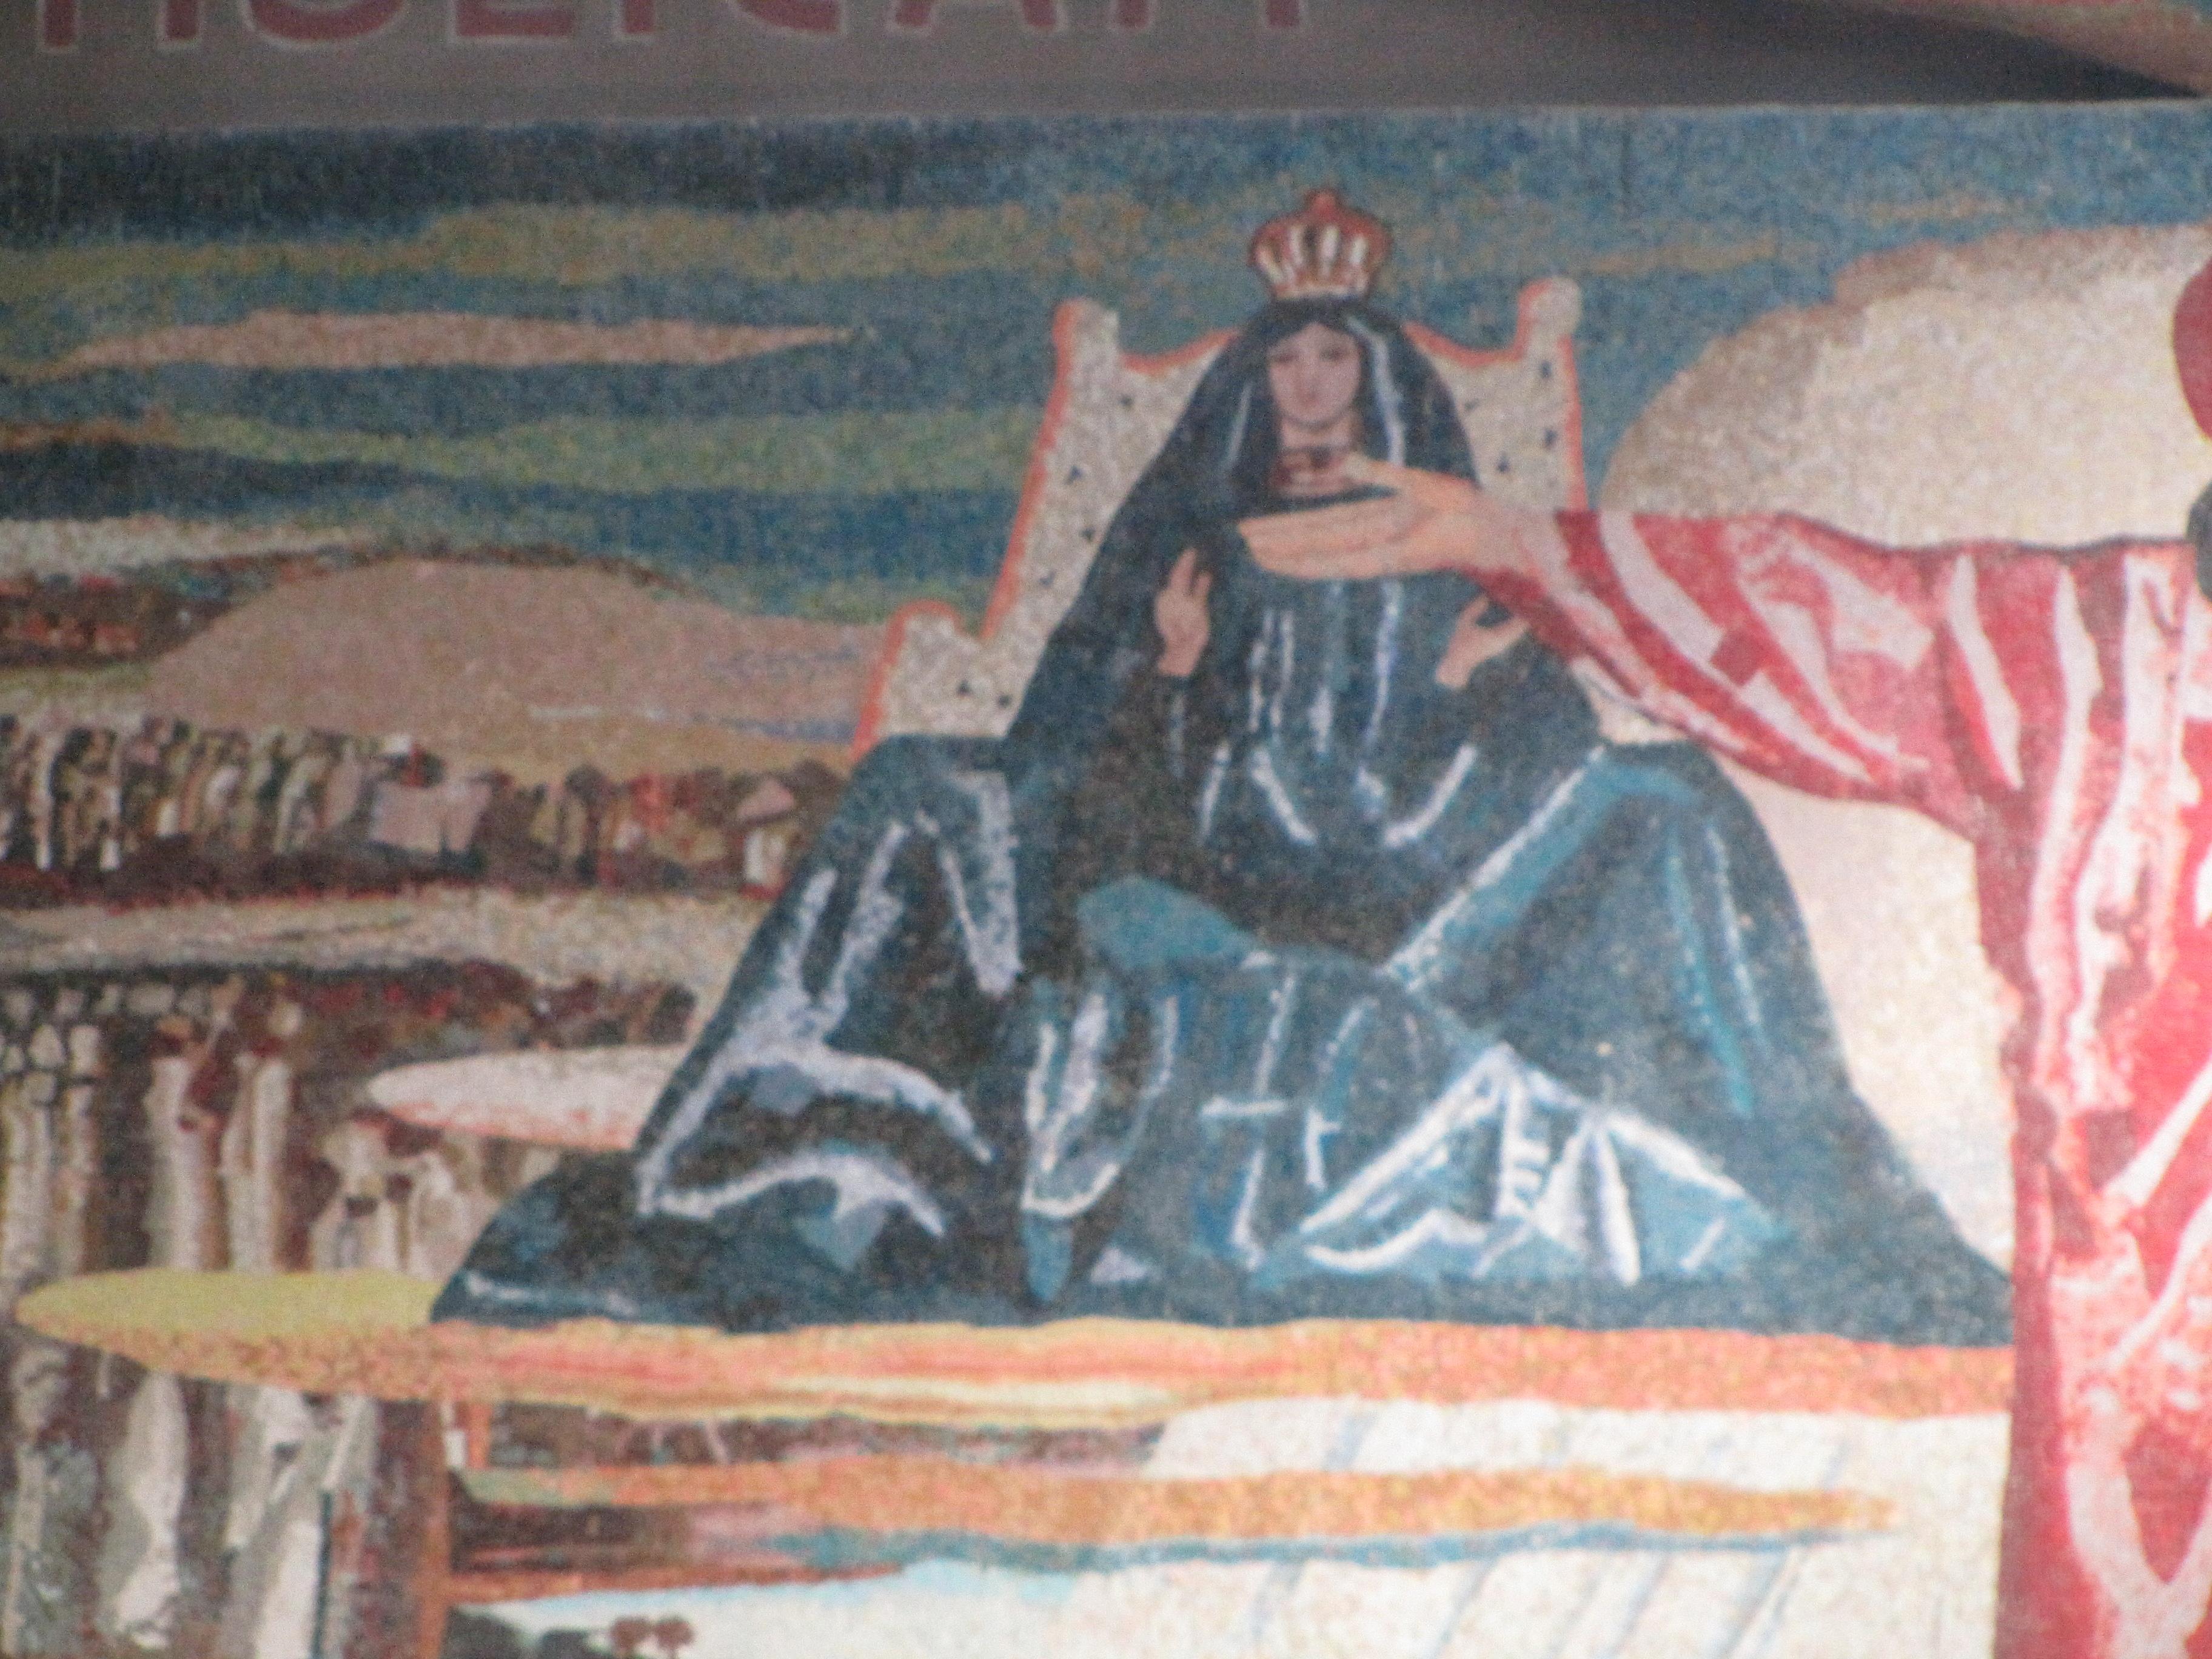 Божья Матерь изображена  на иконе в позе, неприемлемой в иконописи.